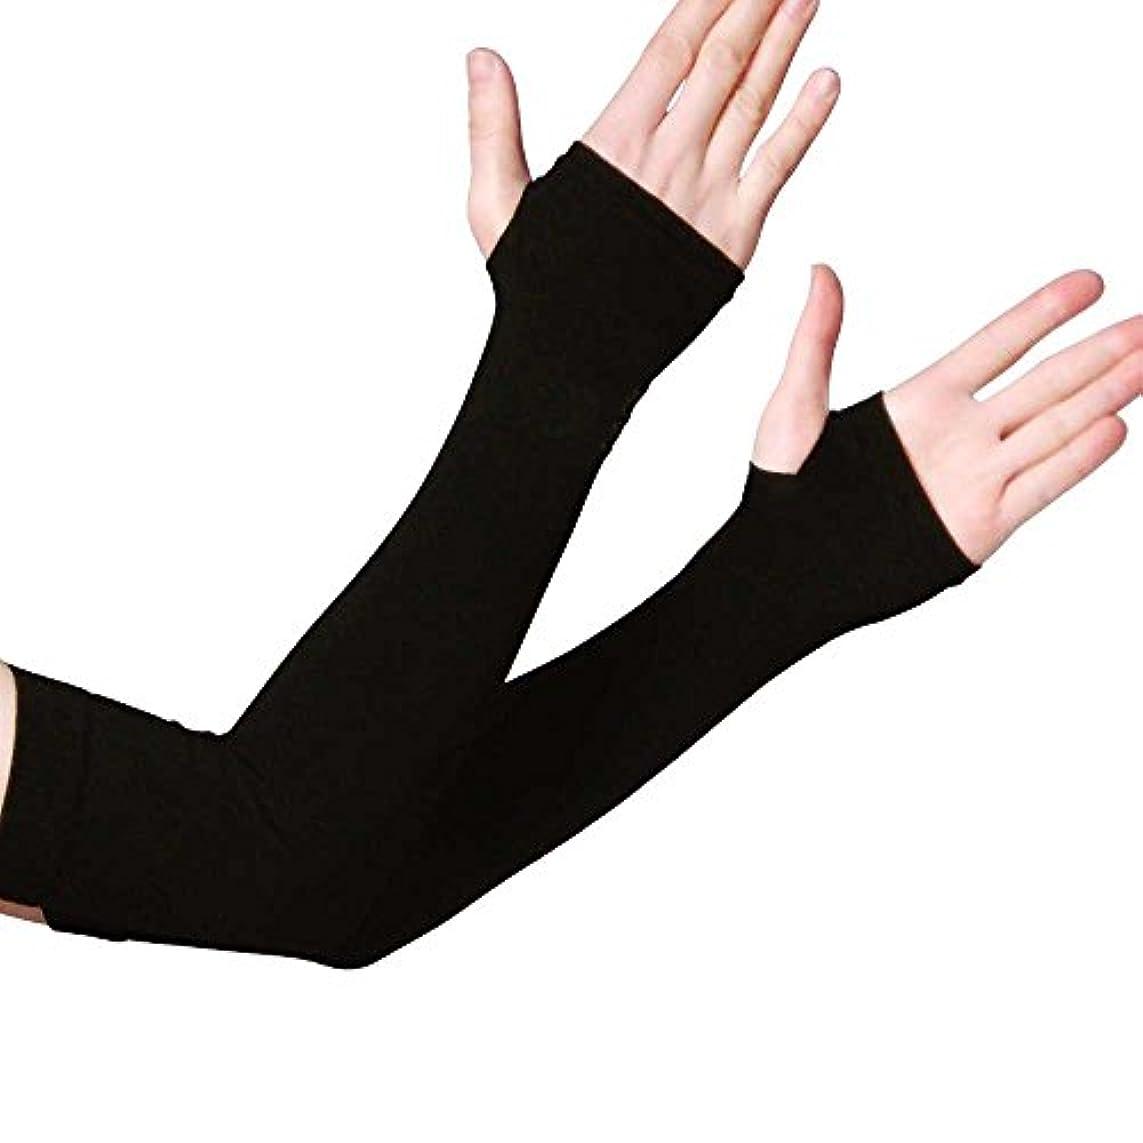 絶望破産セーター涼感UVカット アームカバー 紫外線対策 99%カット 日焼け止め 紫外線ダメージ お肌 ガード 定番ブラック 涼感タイプアームカバー (ブラック)